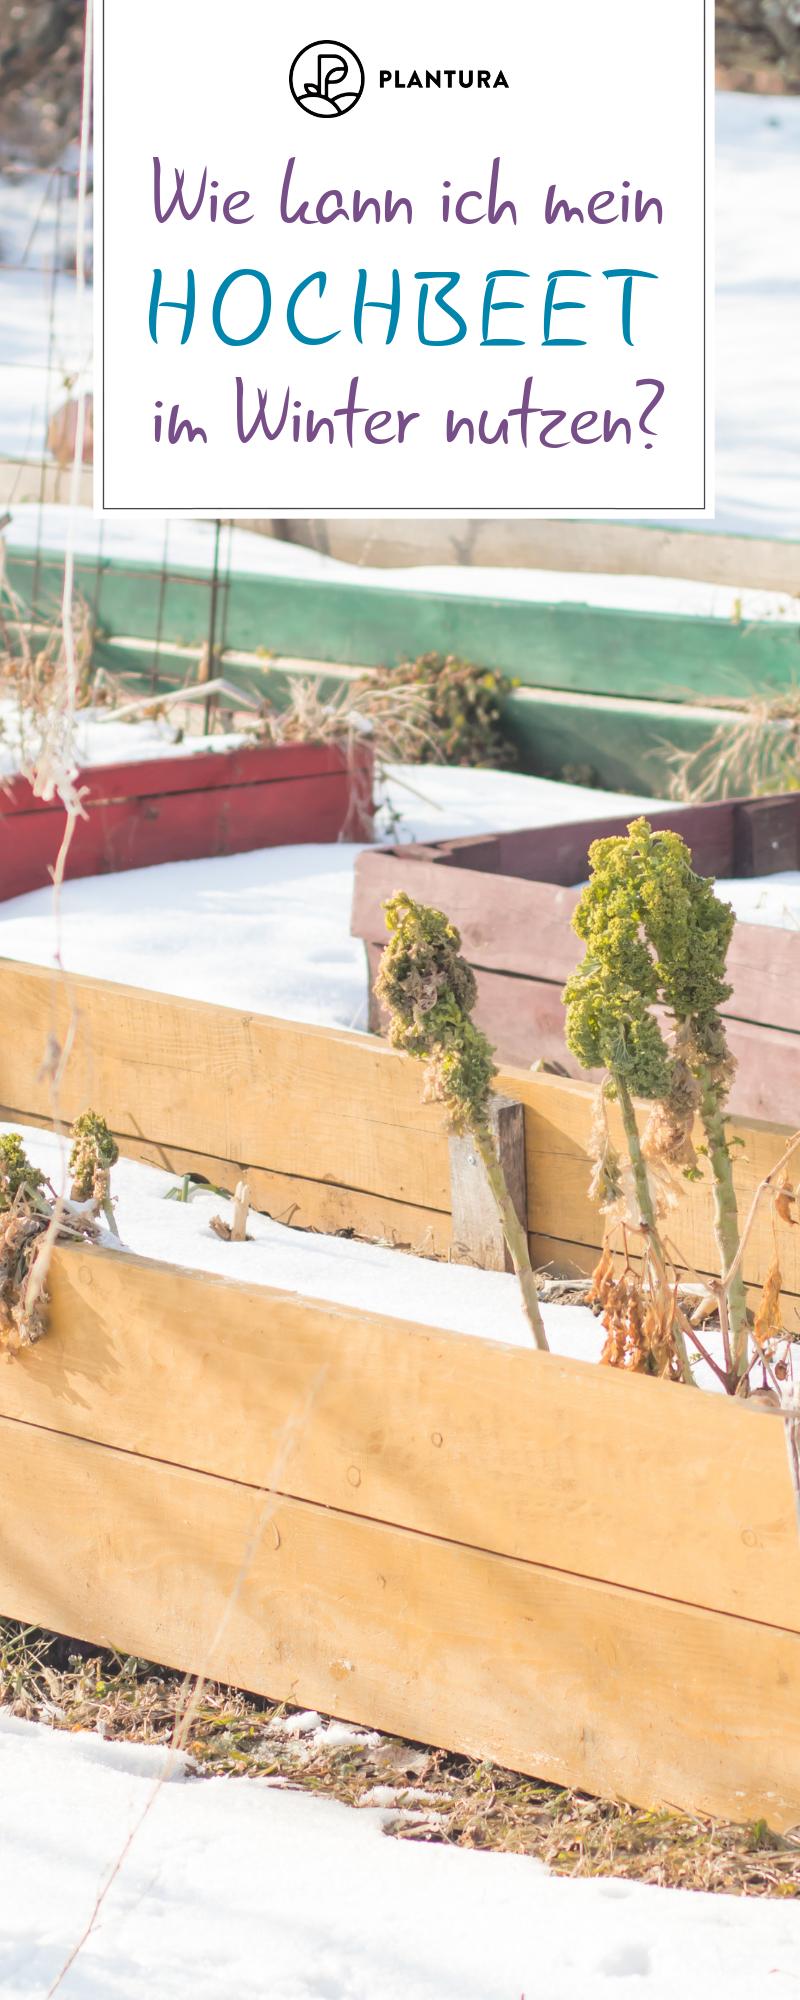 Hochbeet Im Winter Nutzen Ideen Tipps Hochbeet Garten Hochbeet Palettengarten